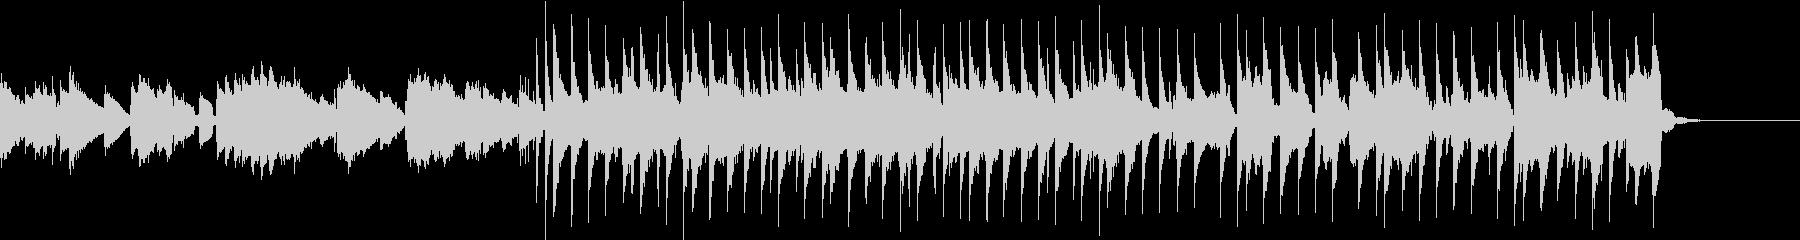 DayGlow  的な80年代ポップスの未再生の波形